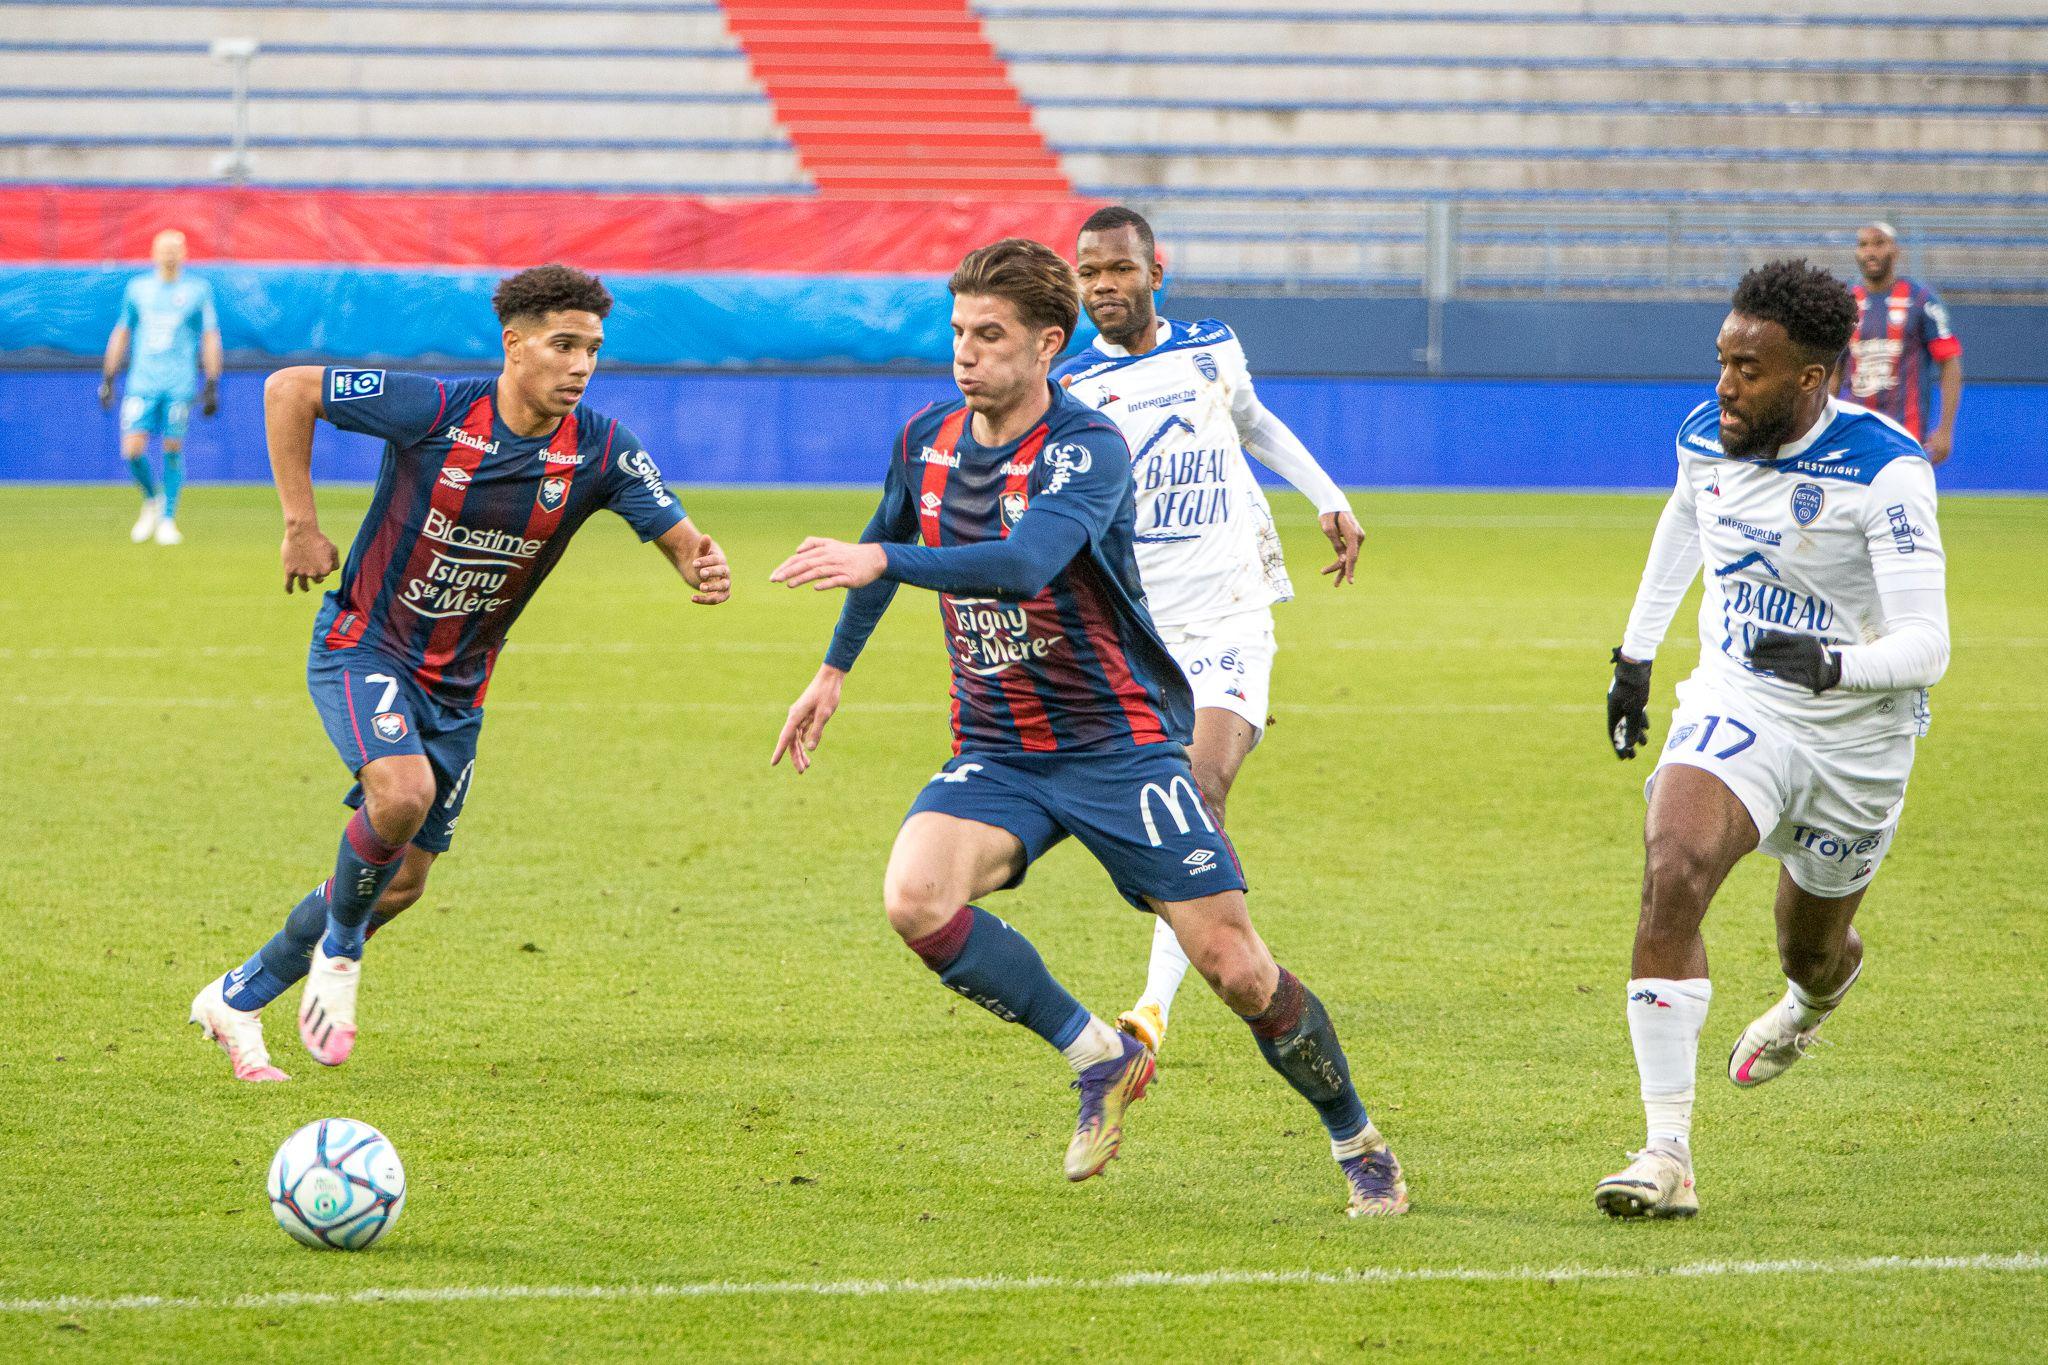 Nos photos du match nul entre le Stade Malherbe et Troyes (0-0)